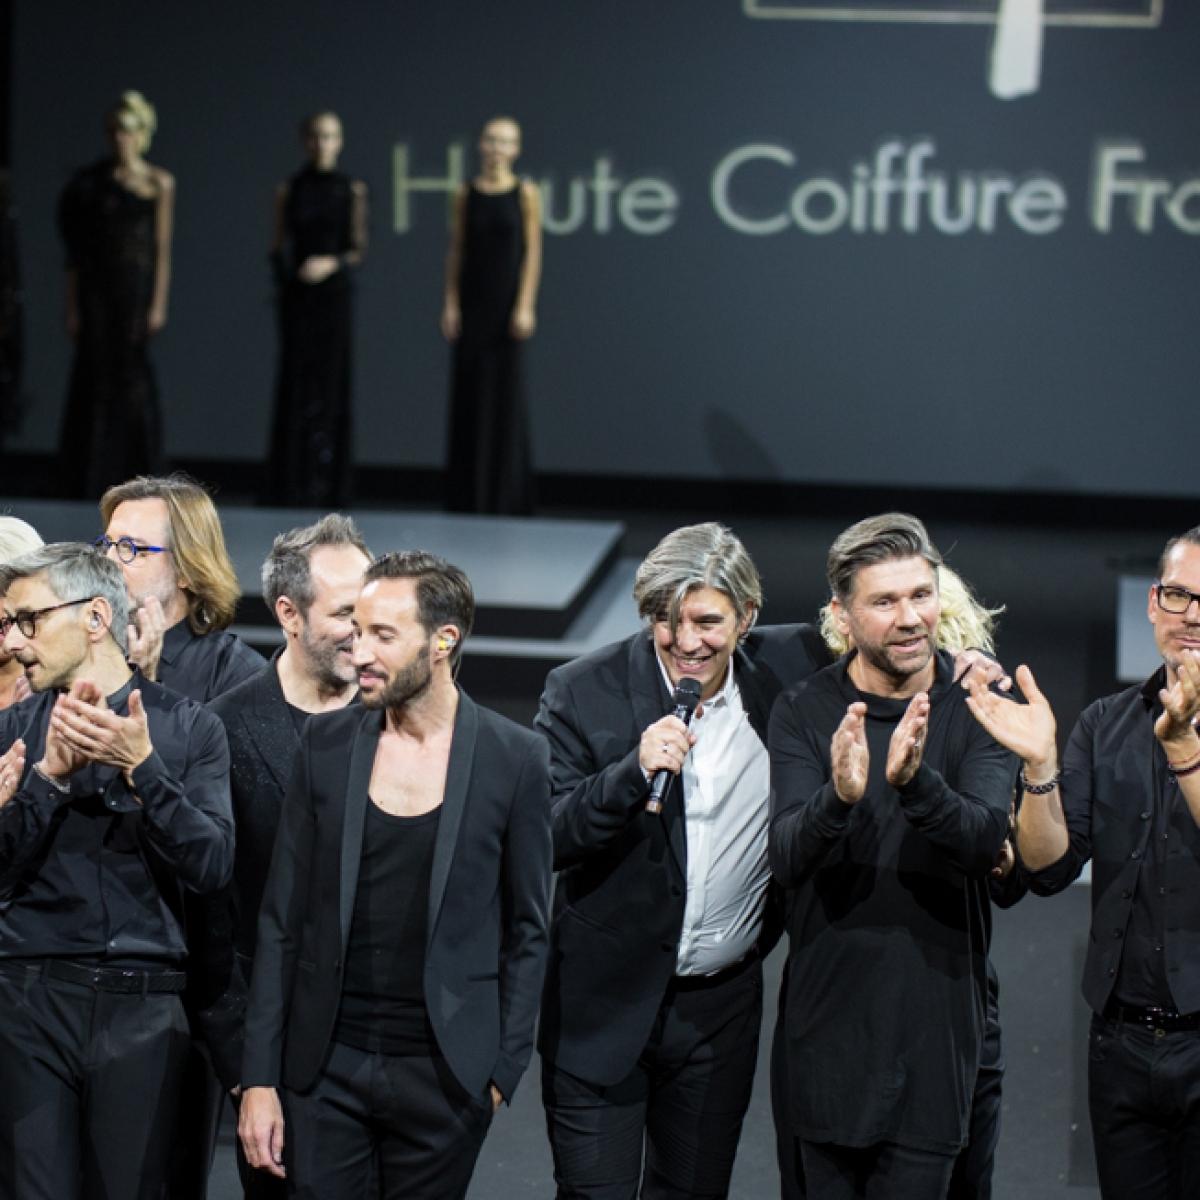 HAUTE COIFFURE FRANÇAISE 2015 LOUVRE , show, haute coiffure française, hcf, photographe, photographie, marwan moussa, coiffeur, coiffure, mariocoiffe, mario coiffe, lightroom, frank provost, studio